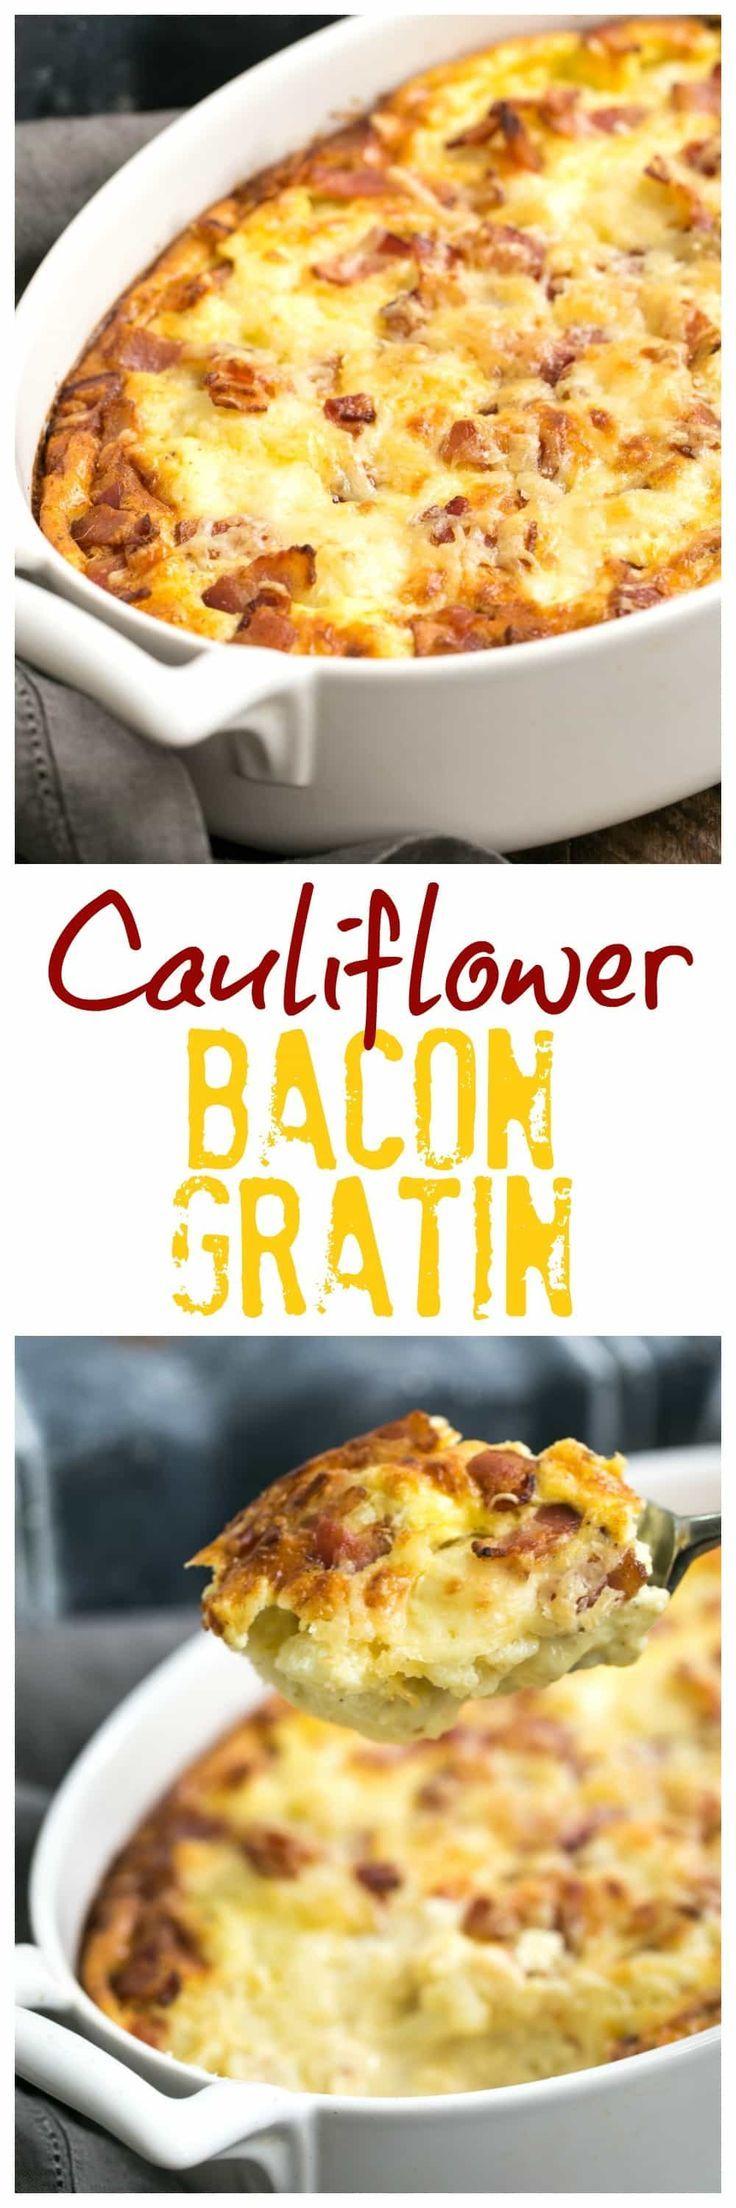 Cauliflower Bacon Gratin | Comforting cheesy cauliflower casserole #gratin #cauliflower